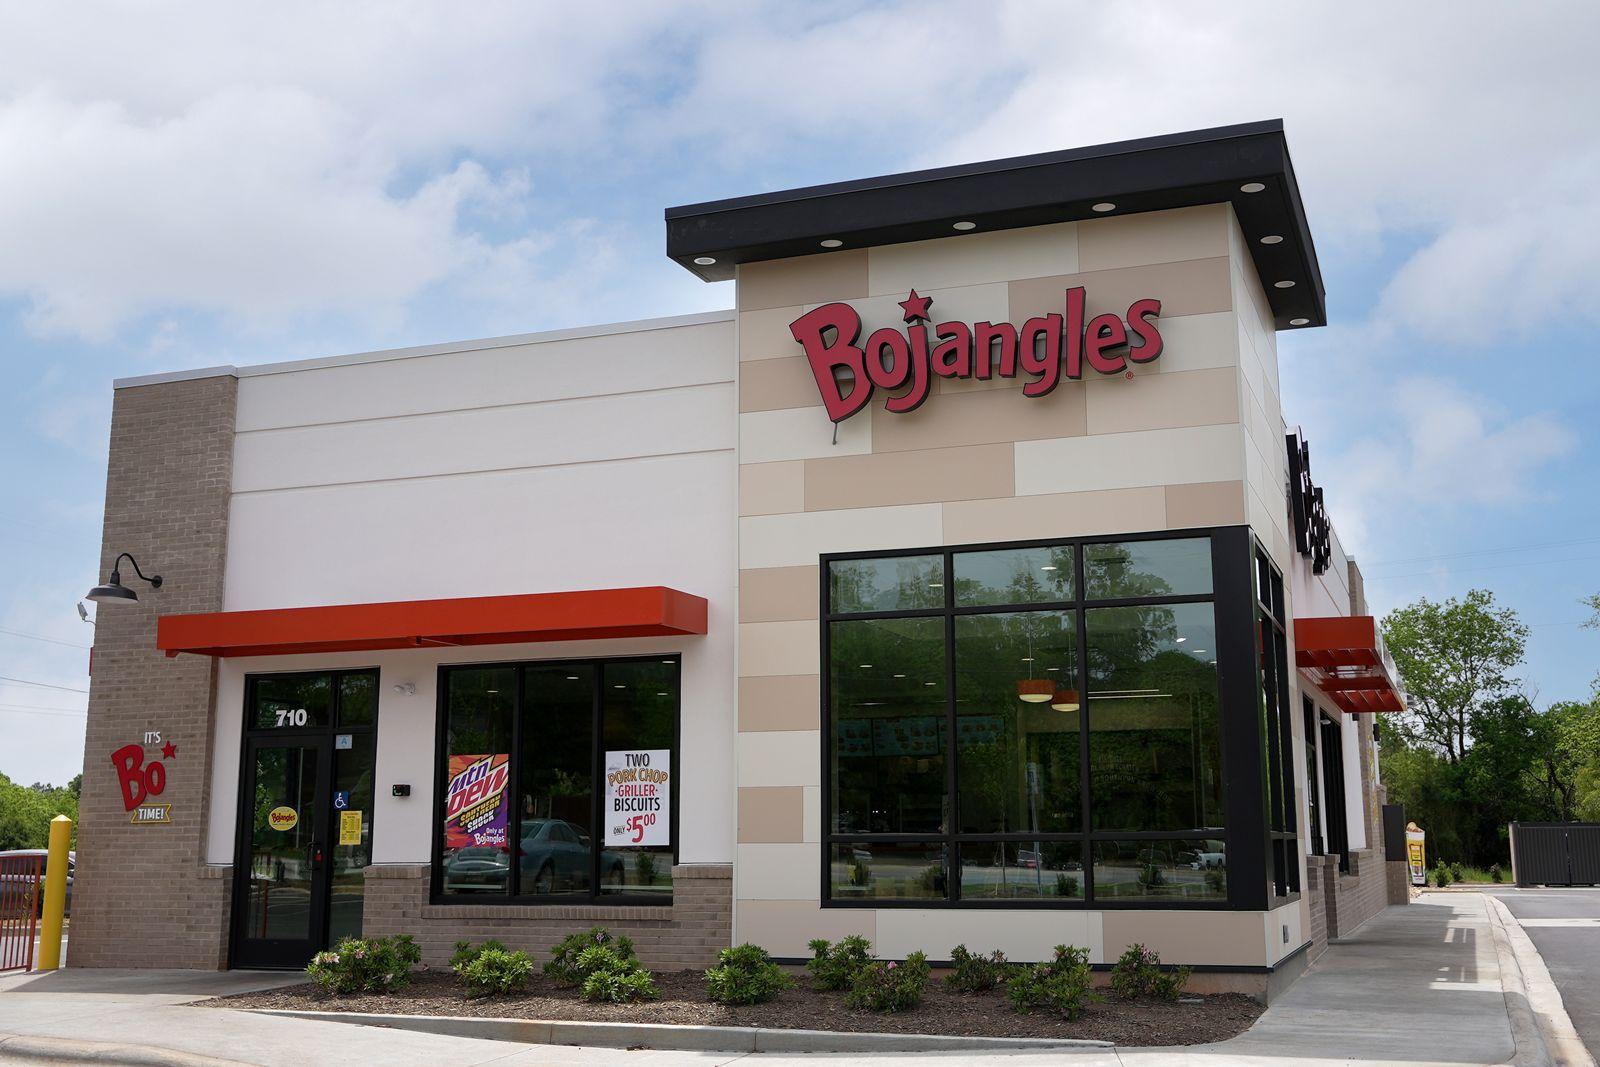 Les anciens dirigeants de Popeyes signent un accord pour acquérir sept restaurants Bojangles existants et en développer 11 supplémentaires dans l'ouest de la Géorgie